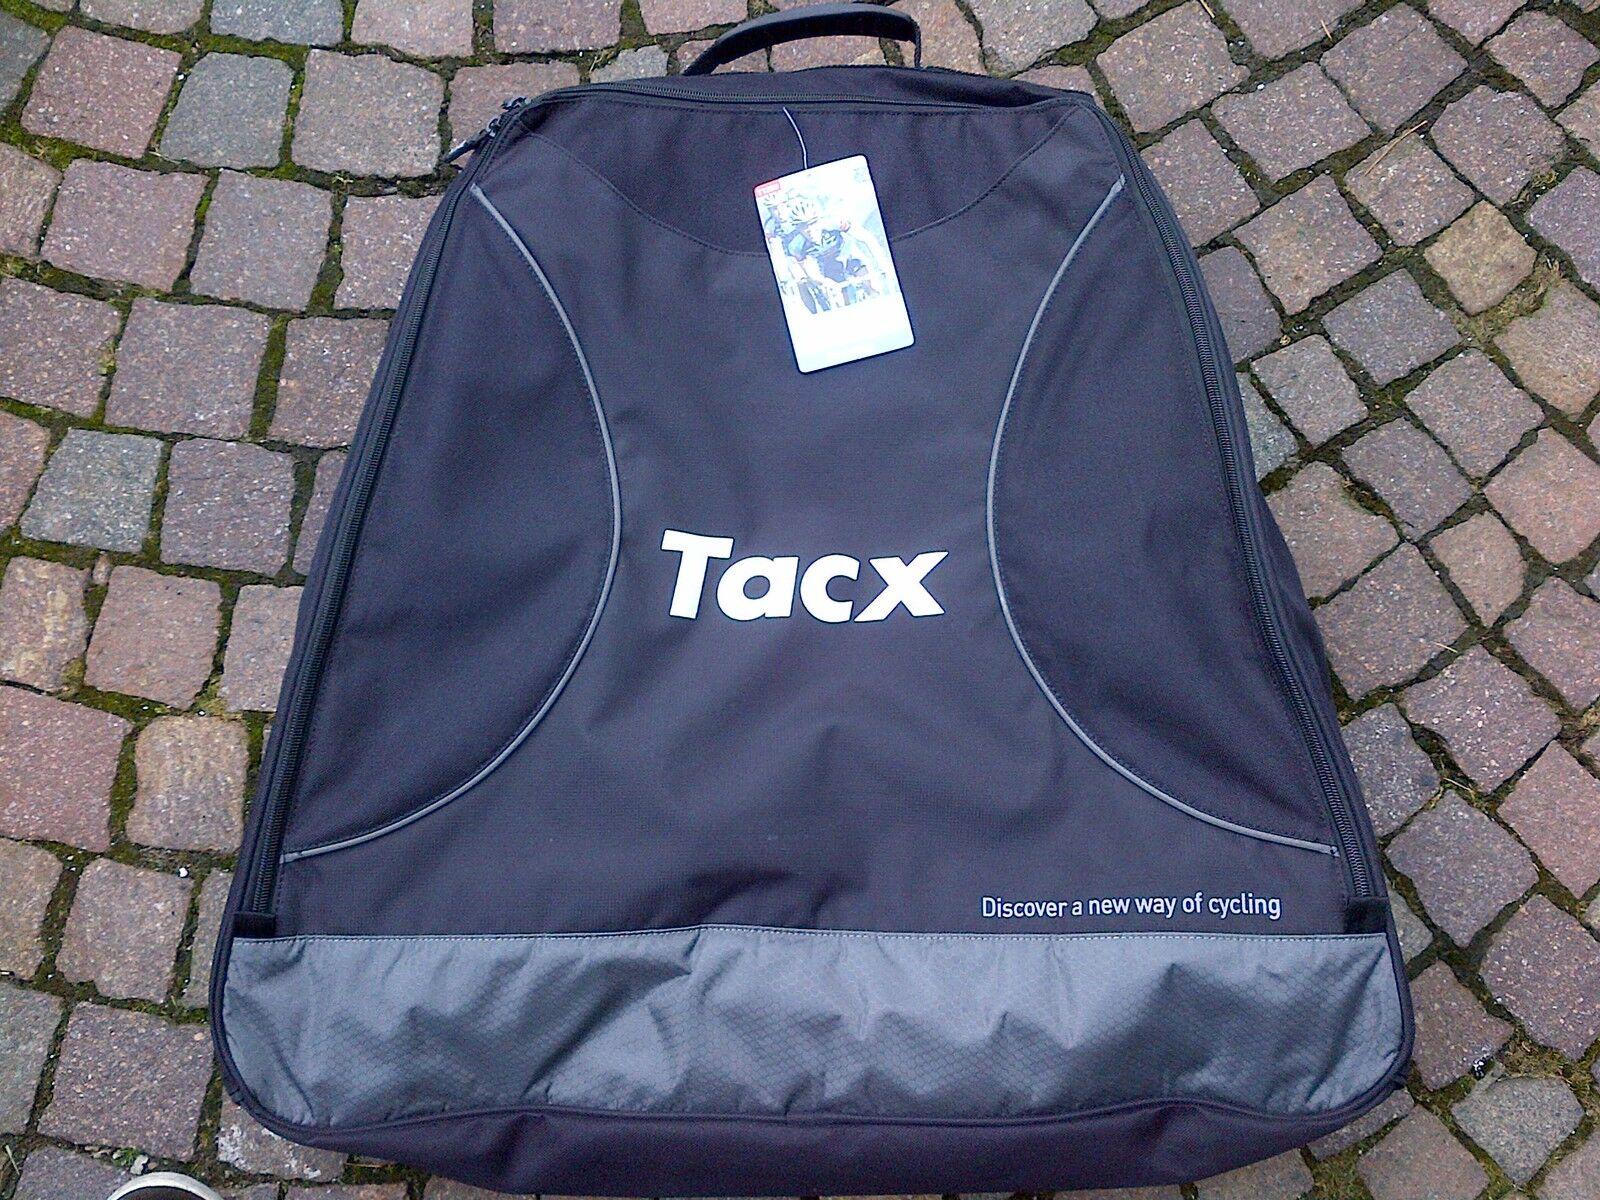 TACX BORSA PER TRASPORTO RULLO TRAINER T1380 TRAINERBAG